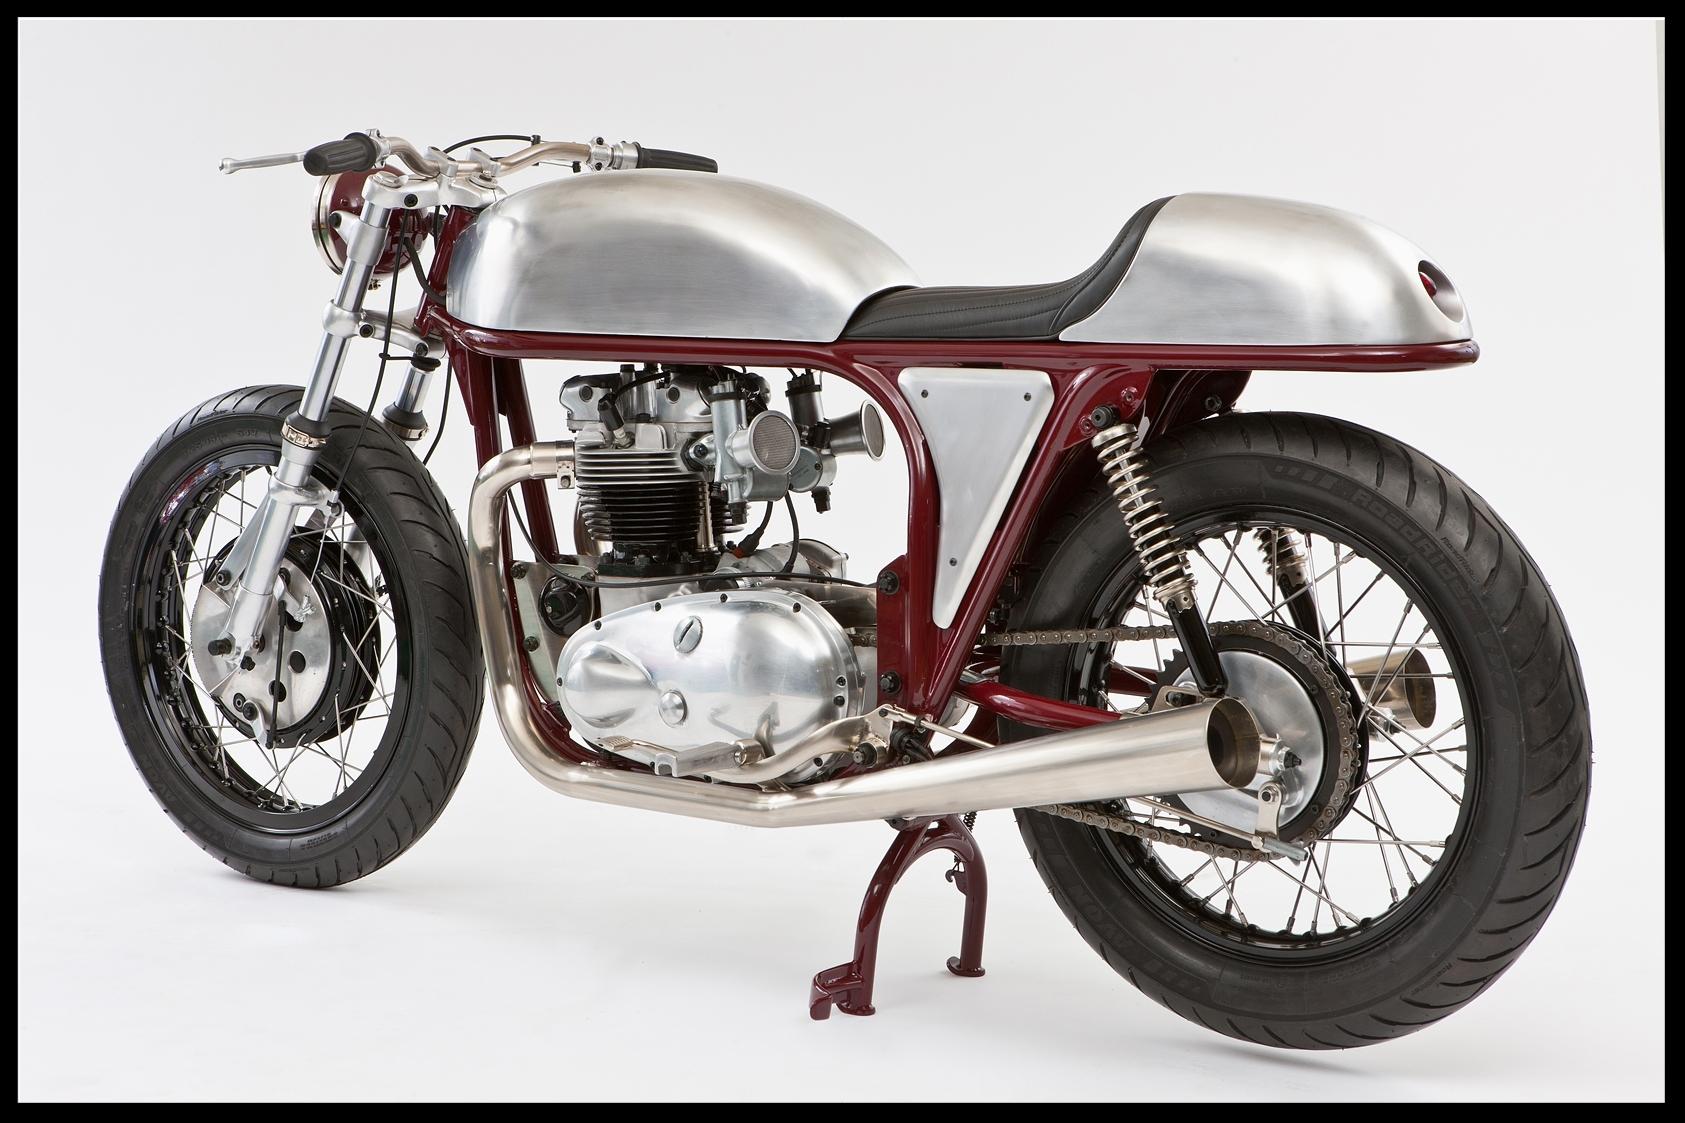 1959 Triton